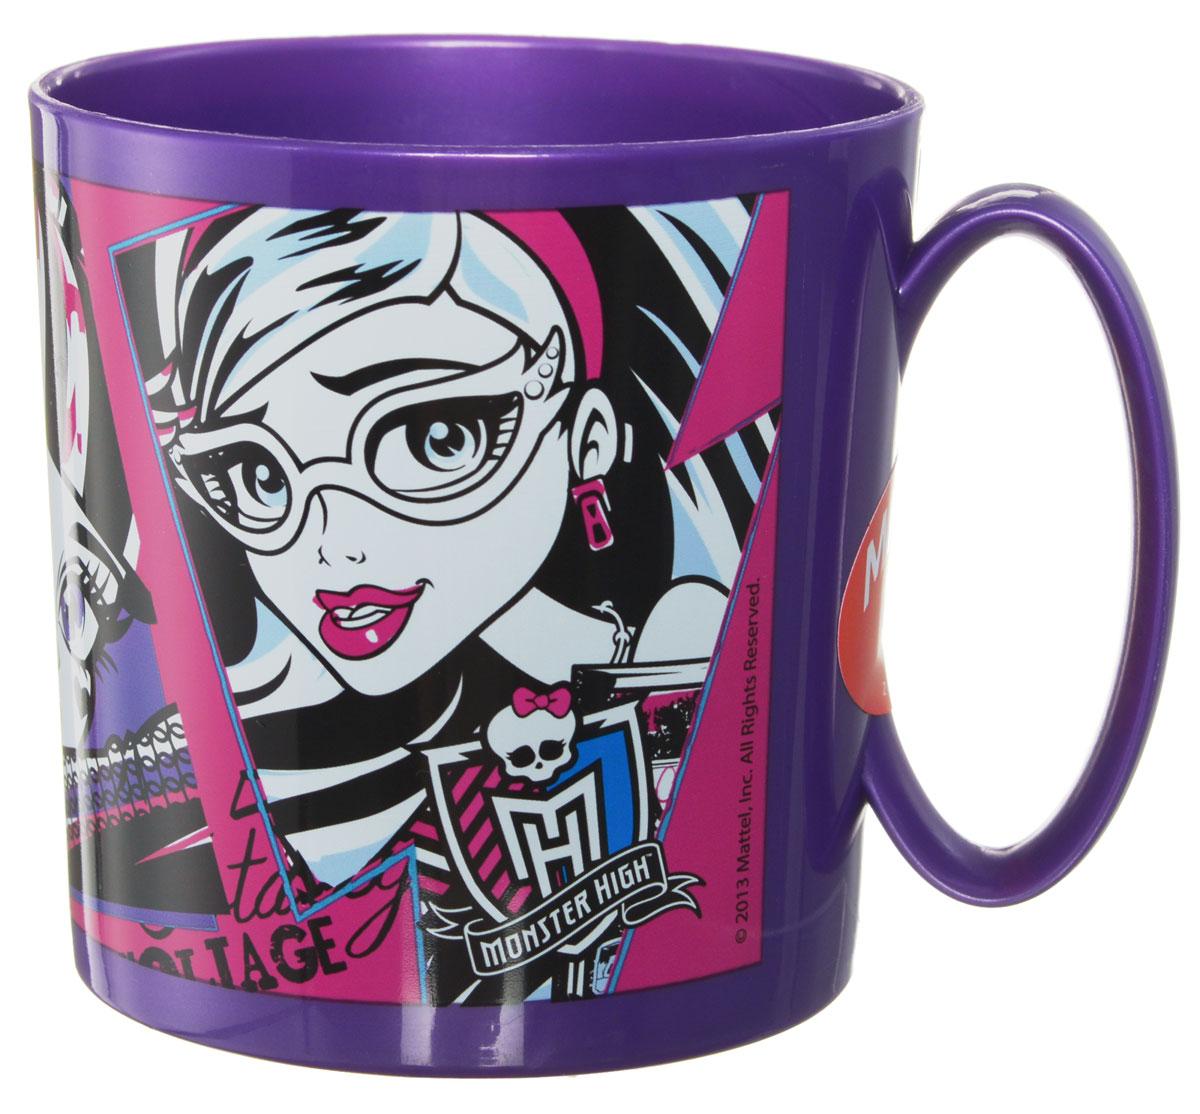 Monster High Кружка пластмассовая 350 мл54104Детская кружка Monster High идеально подойдет для вашего малыша. Она выполнена из качественного пластика фиолетового цвета и оформлена ярким изображением героев мультфильмов Monster High. Кружка дополнена удобной ручкой. Такой подарок станет не только приятным, но и практичным сувениром: кружка будет незаменимым атрибутом чаепития, а оригинальное оформление кружки добавит ярких эмоций в процессе чаепития. Не предназначено для использования в СВЧ-печи и посудомоечной машине.